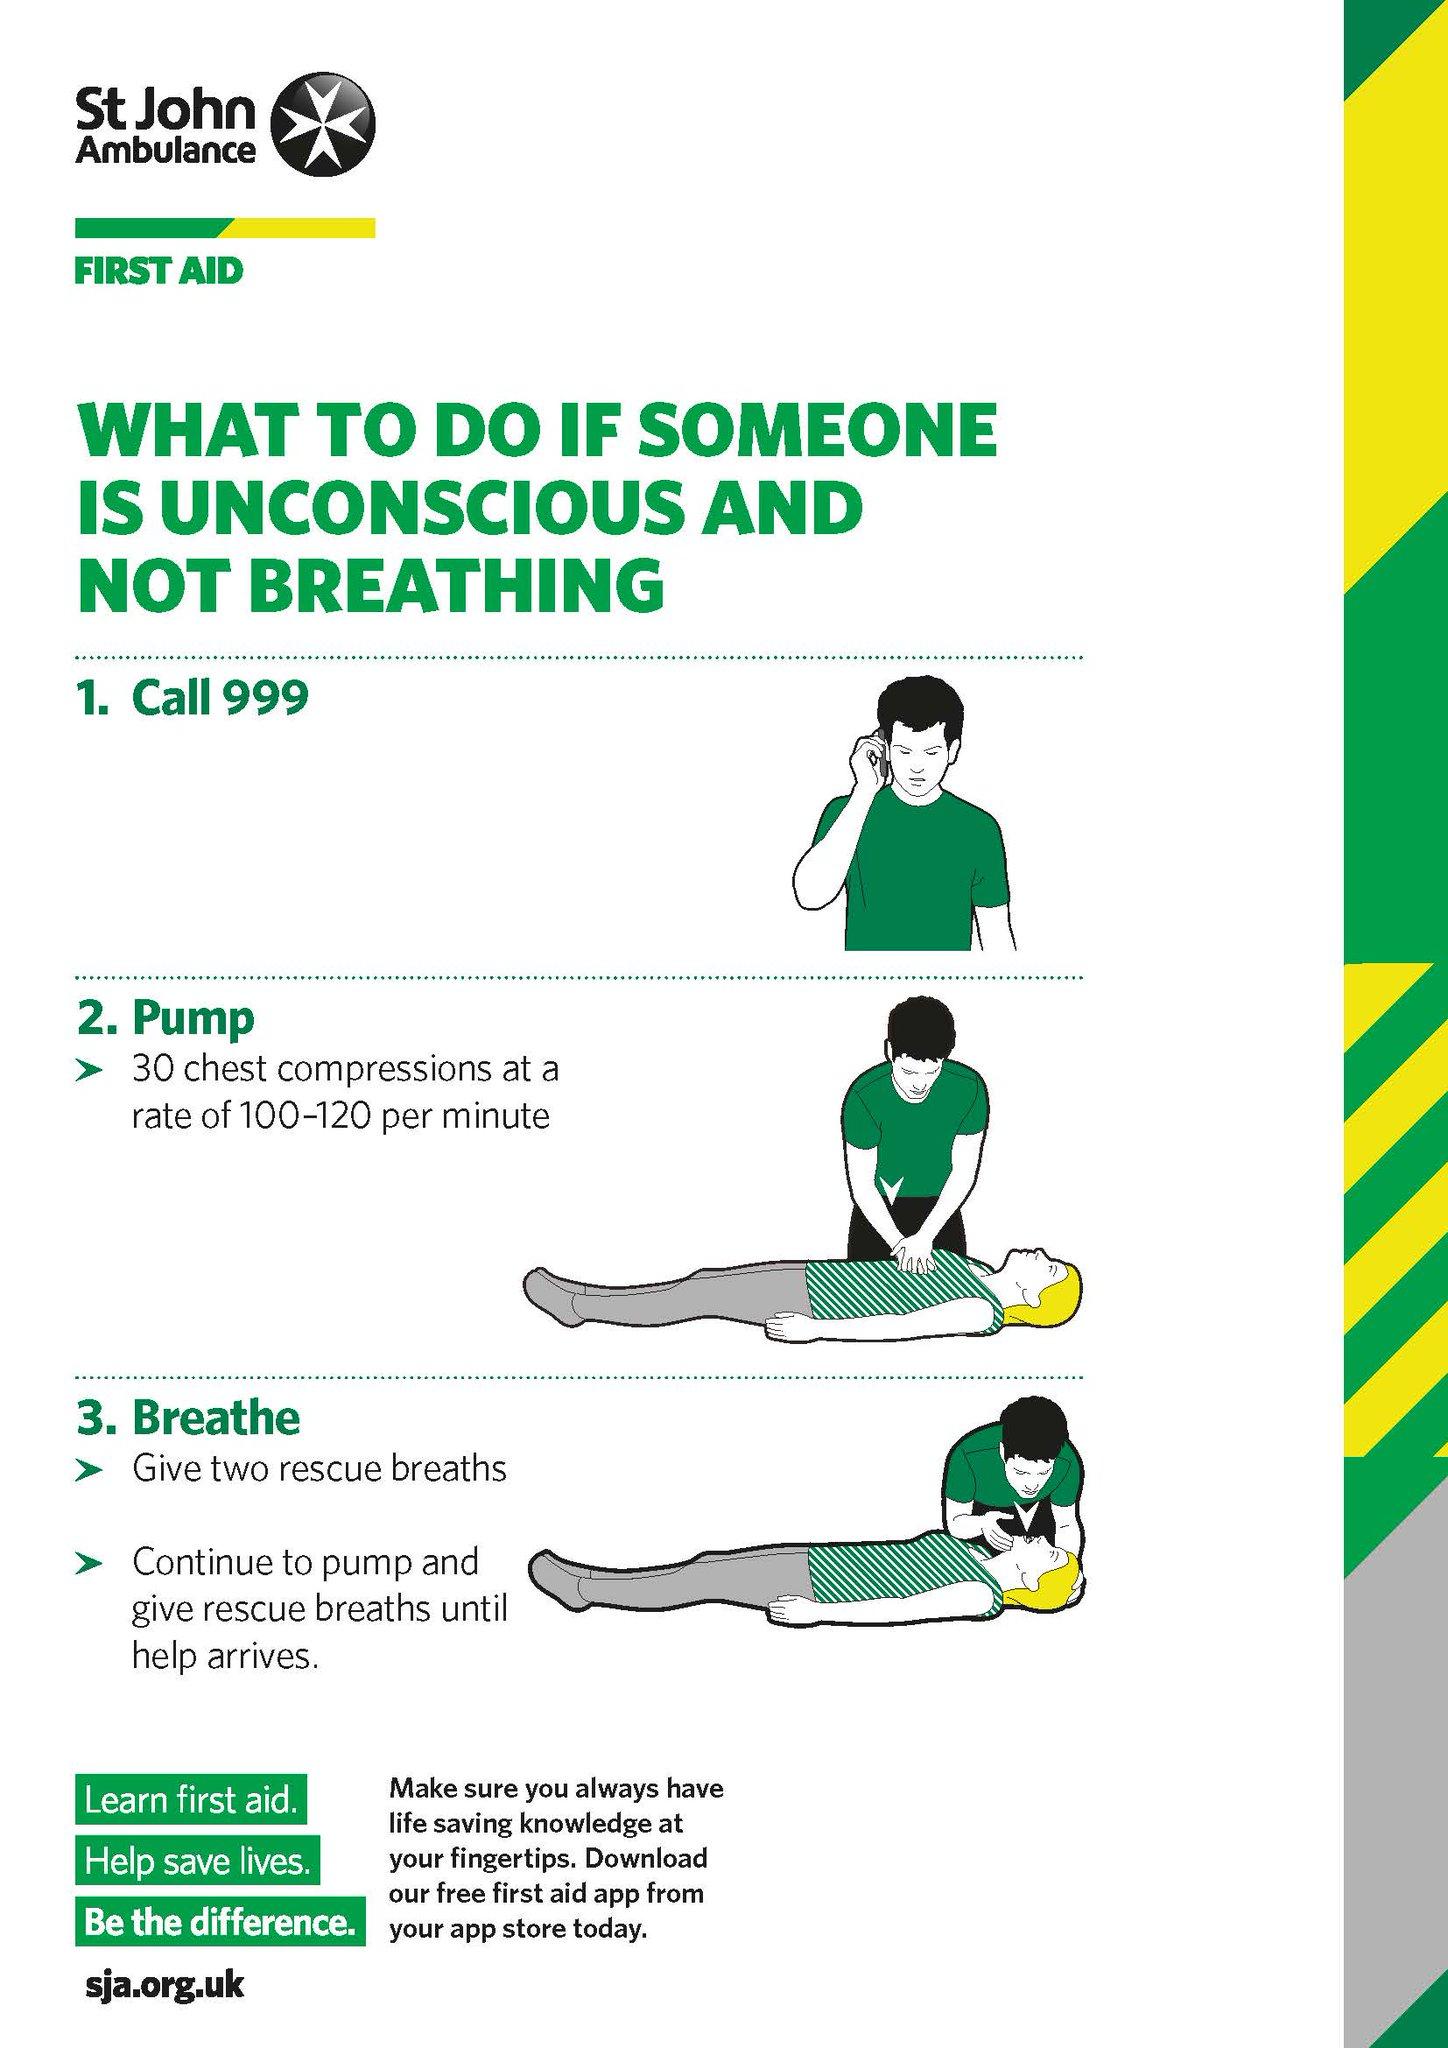 St John Ambulance on Twitter: